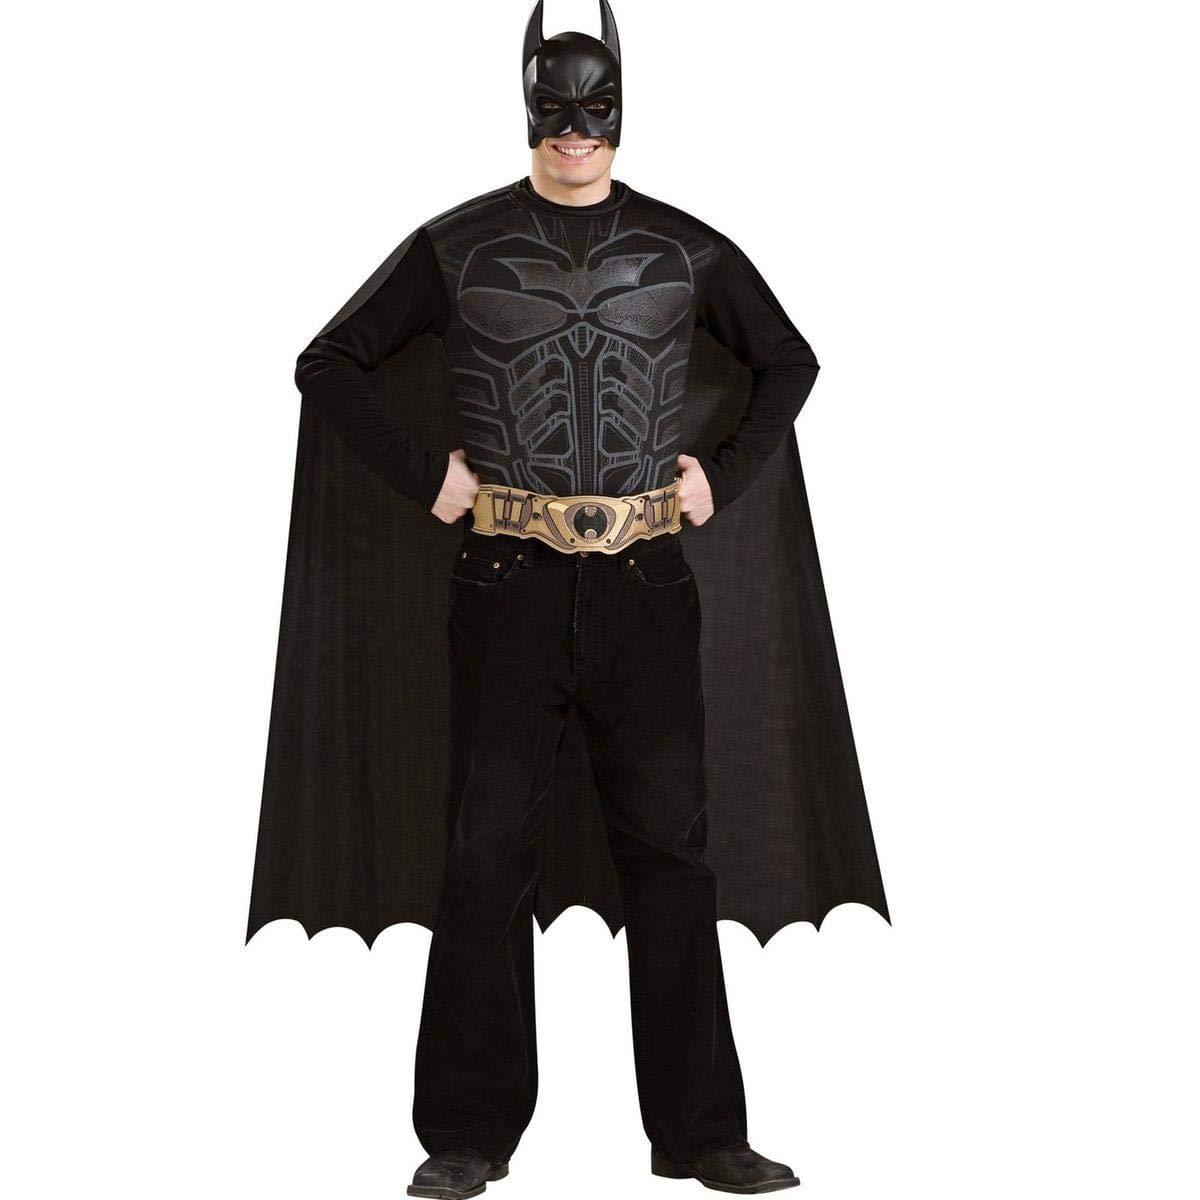 Desconocido Set de disfraz de Batman para adulto: Amazon.es ...